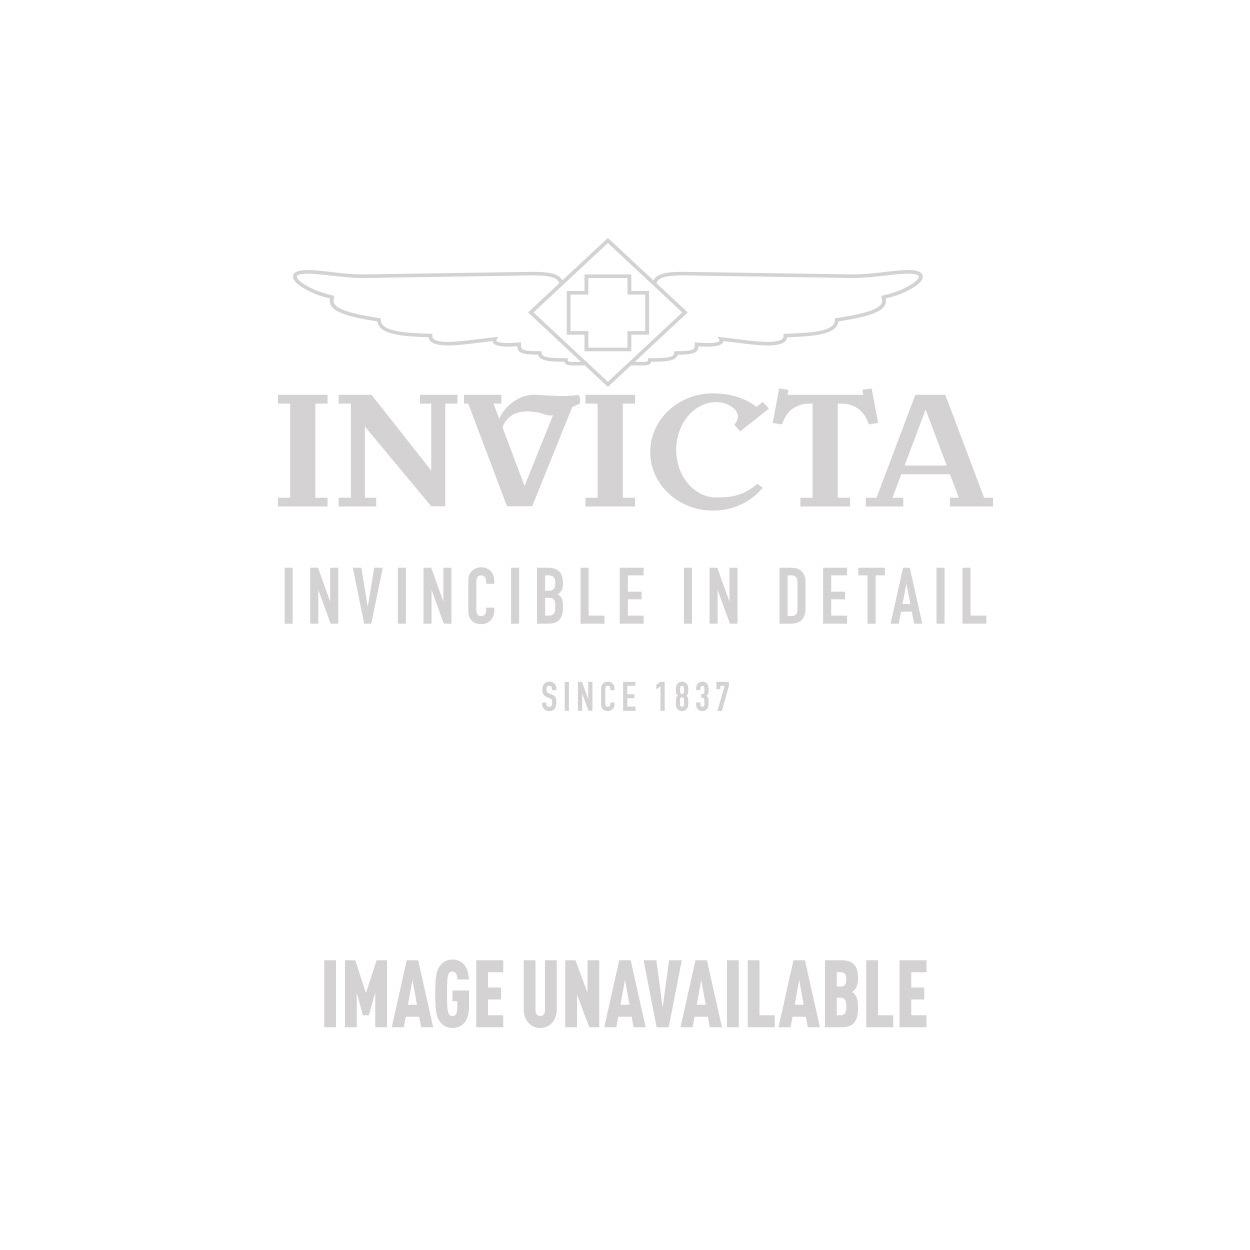 Invicta Model  25859